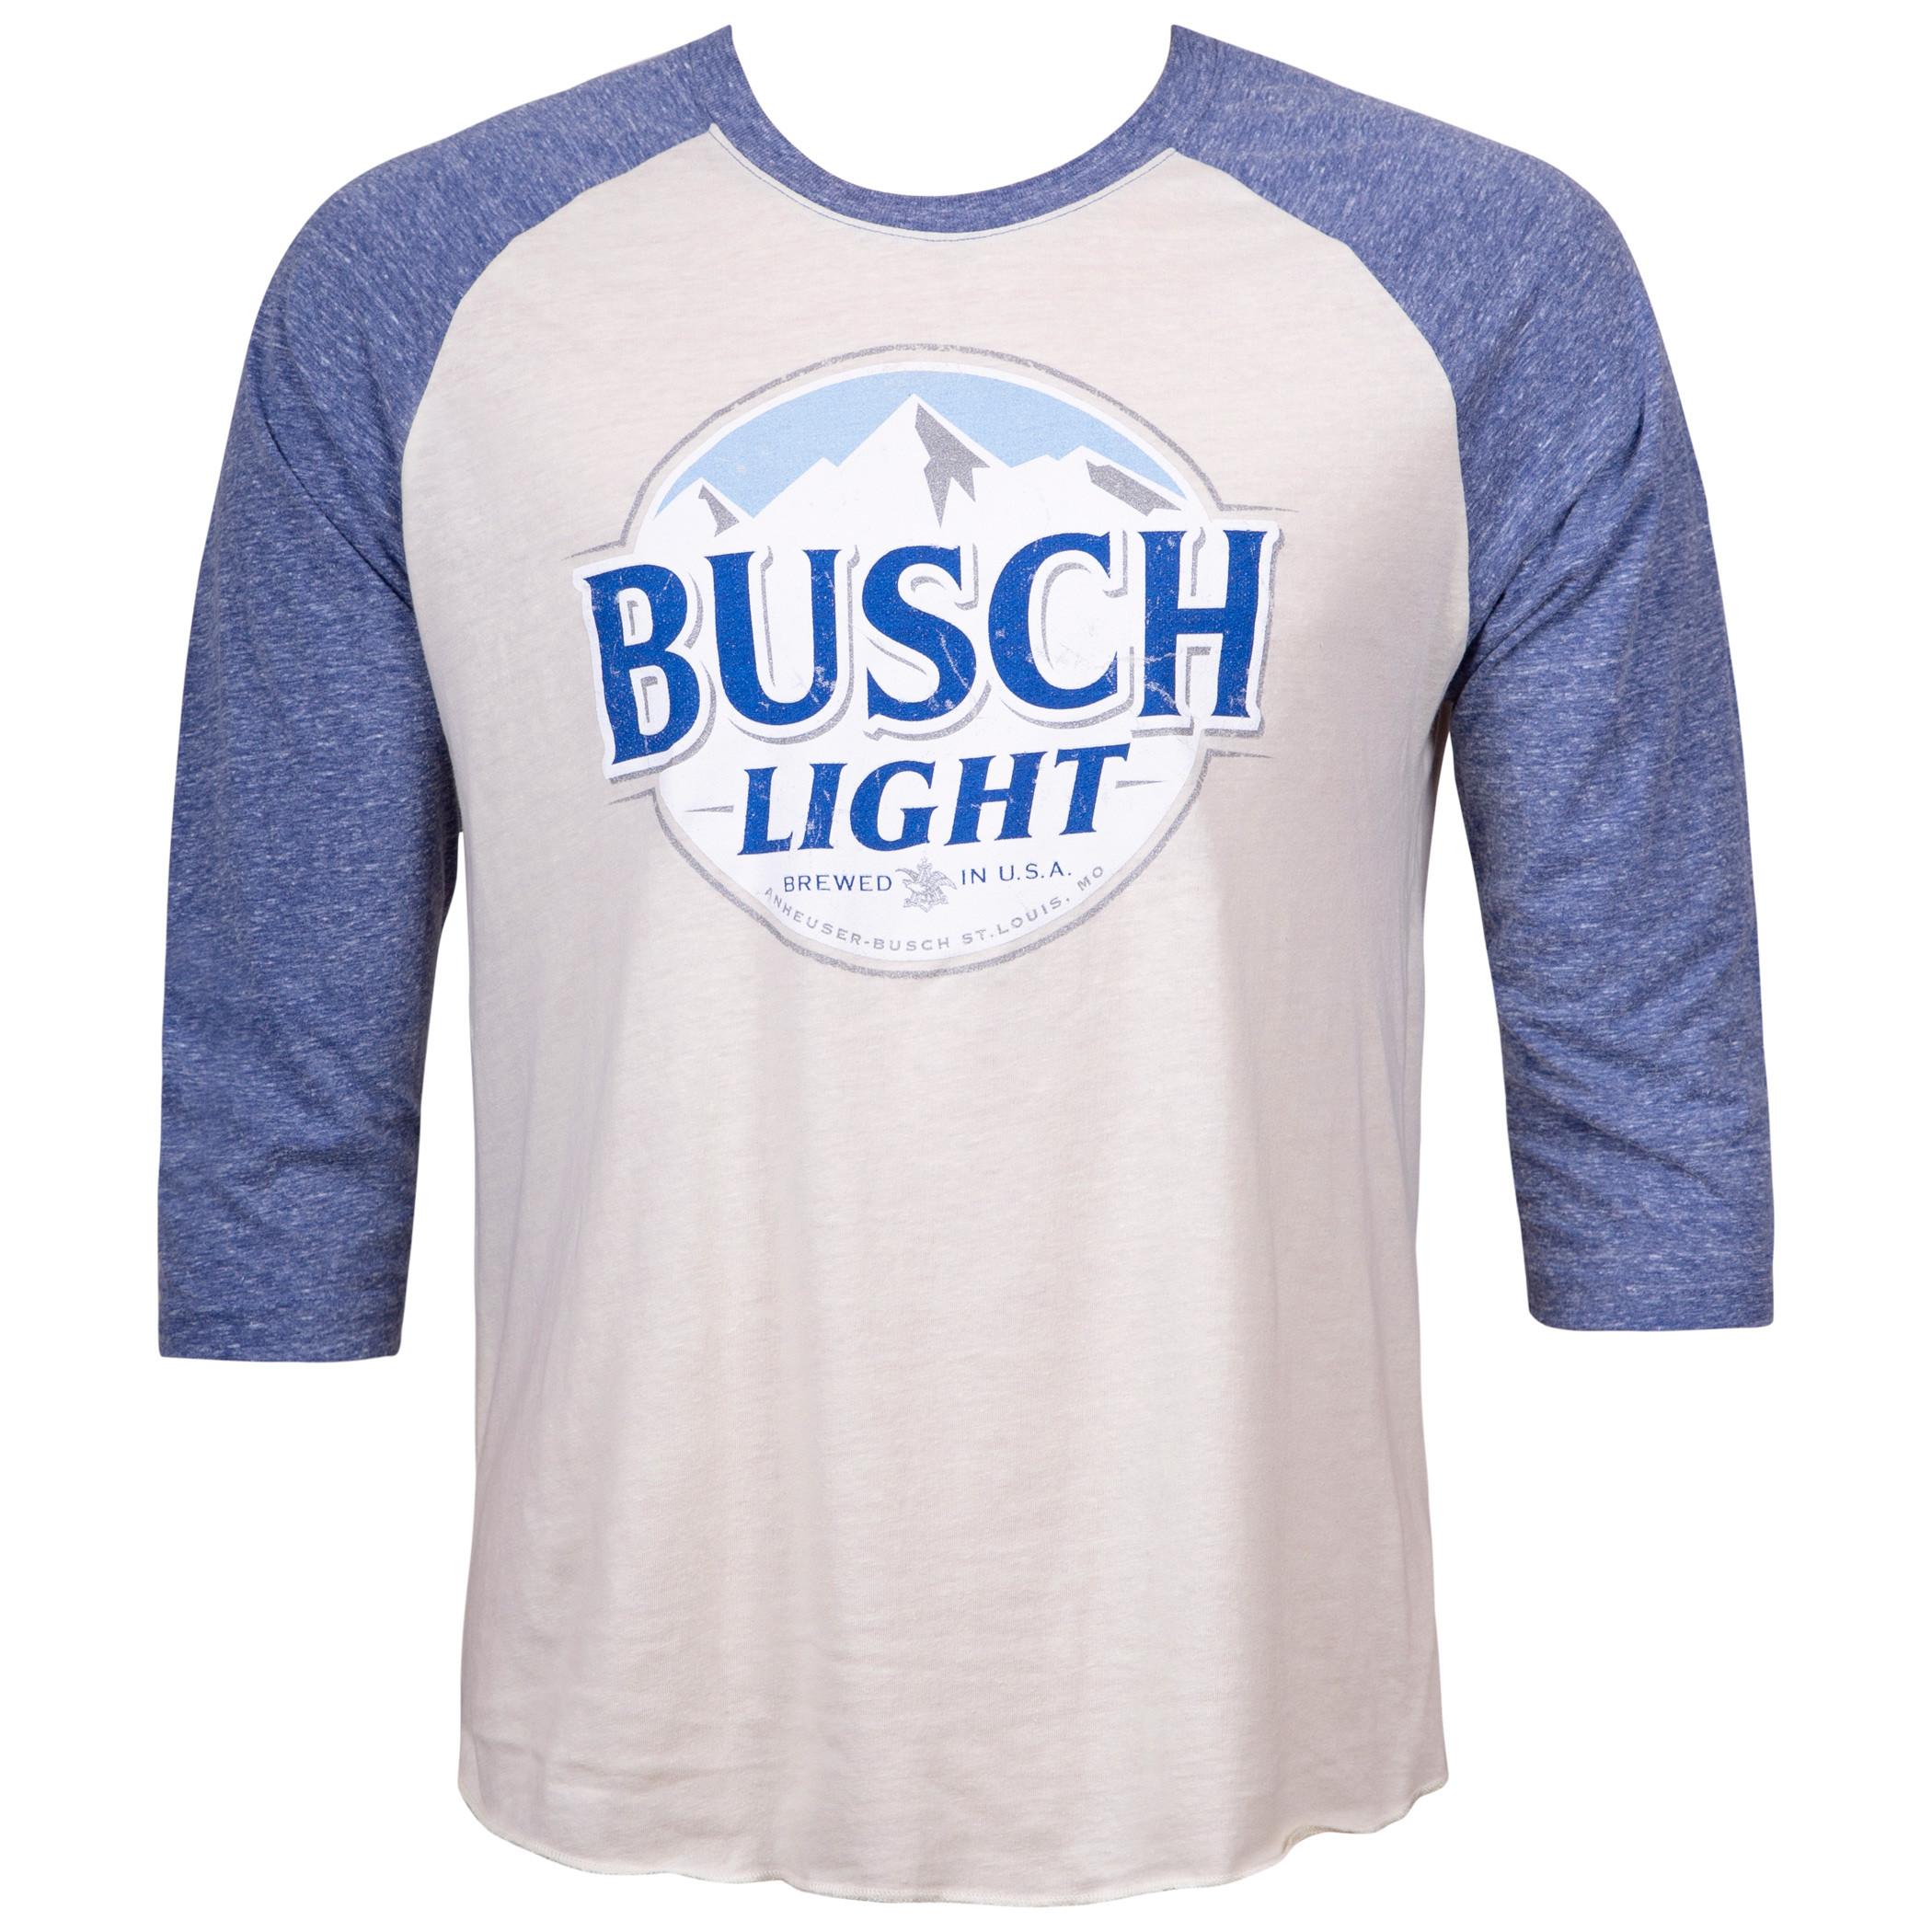 Busch Light Beer Blue And White Raglan Shirt